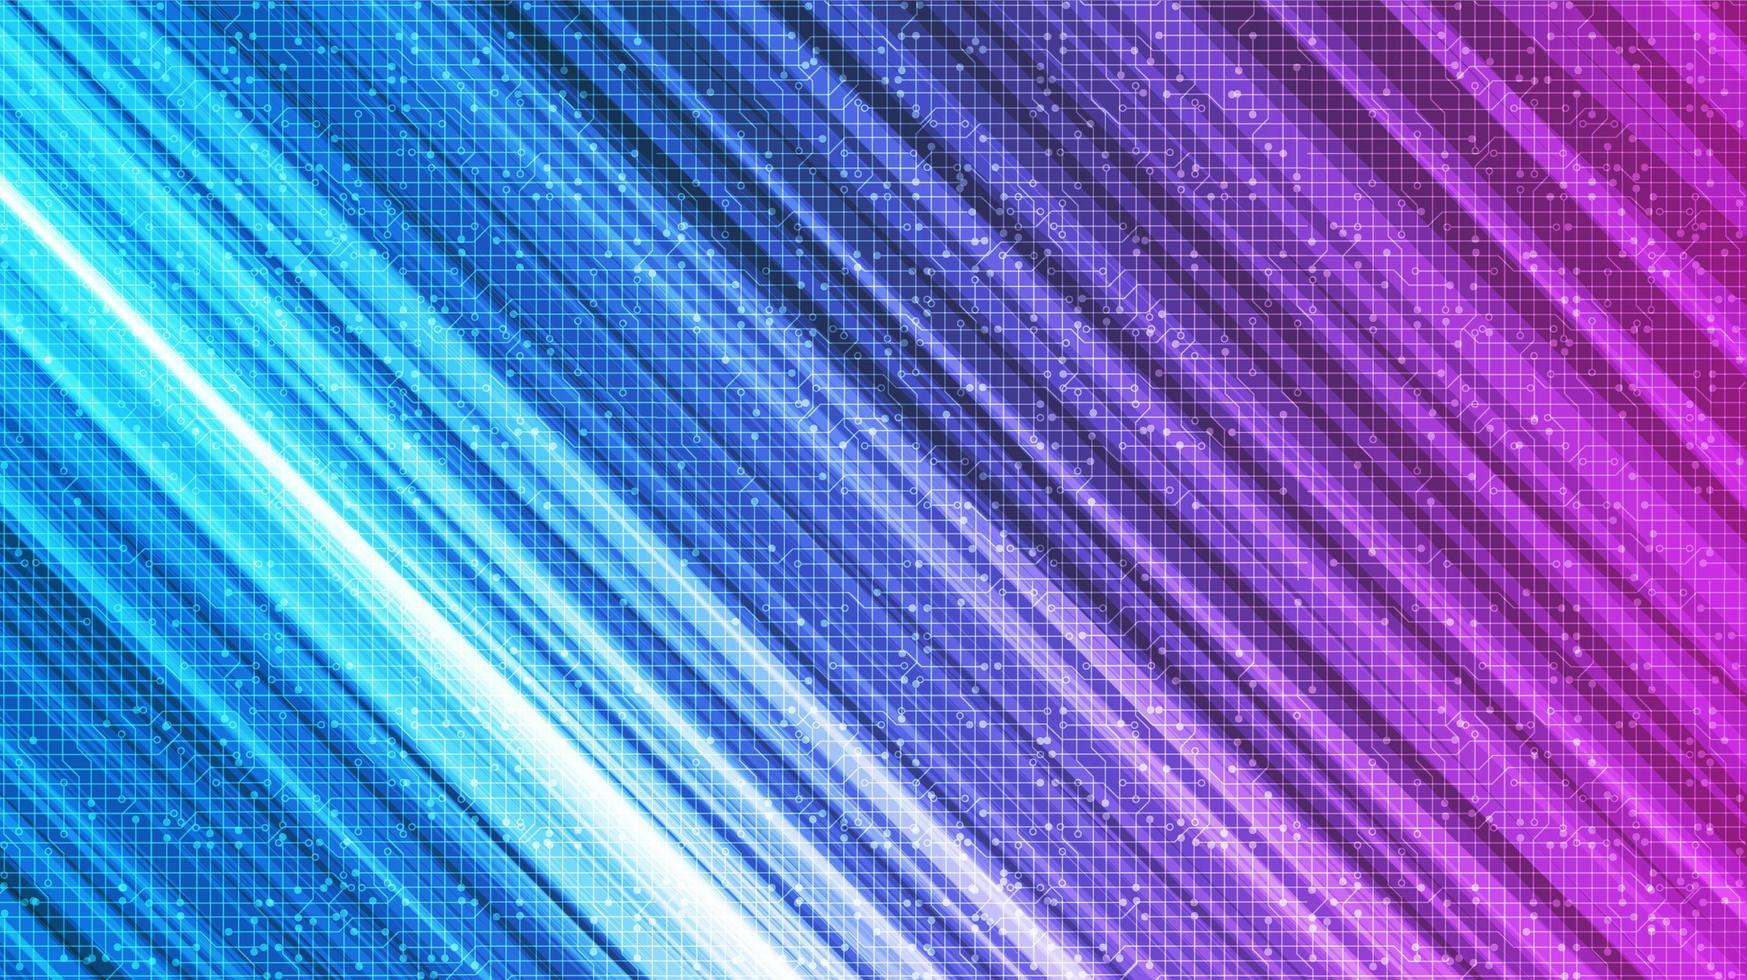 sfondo di tecnologia della luce di velocità, design digitale e comunicazione hi-tech vettore